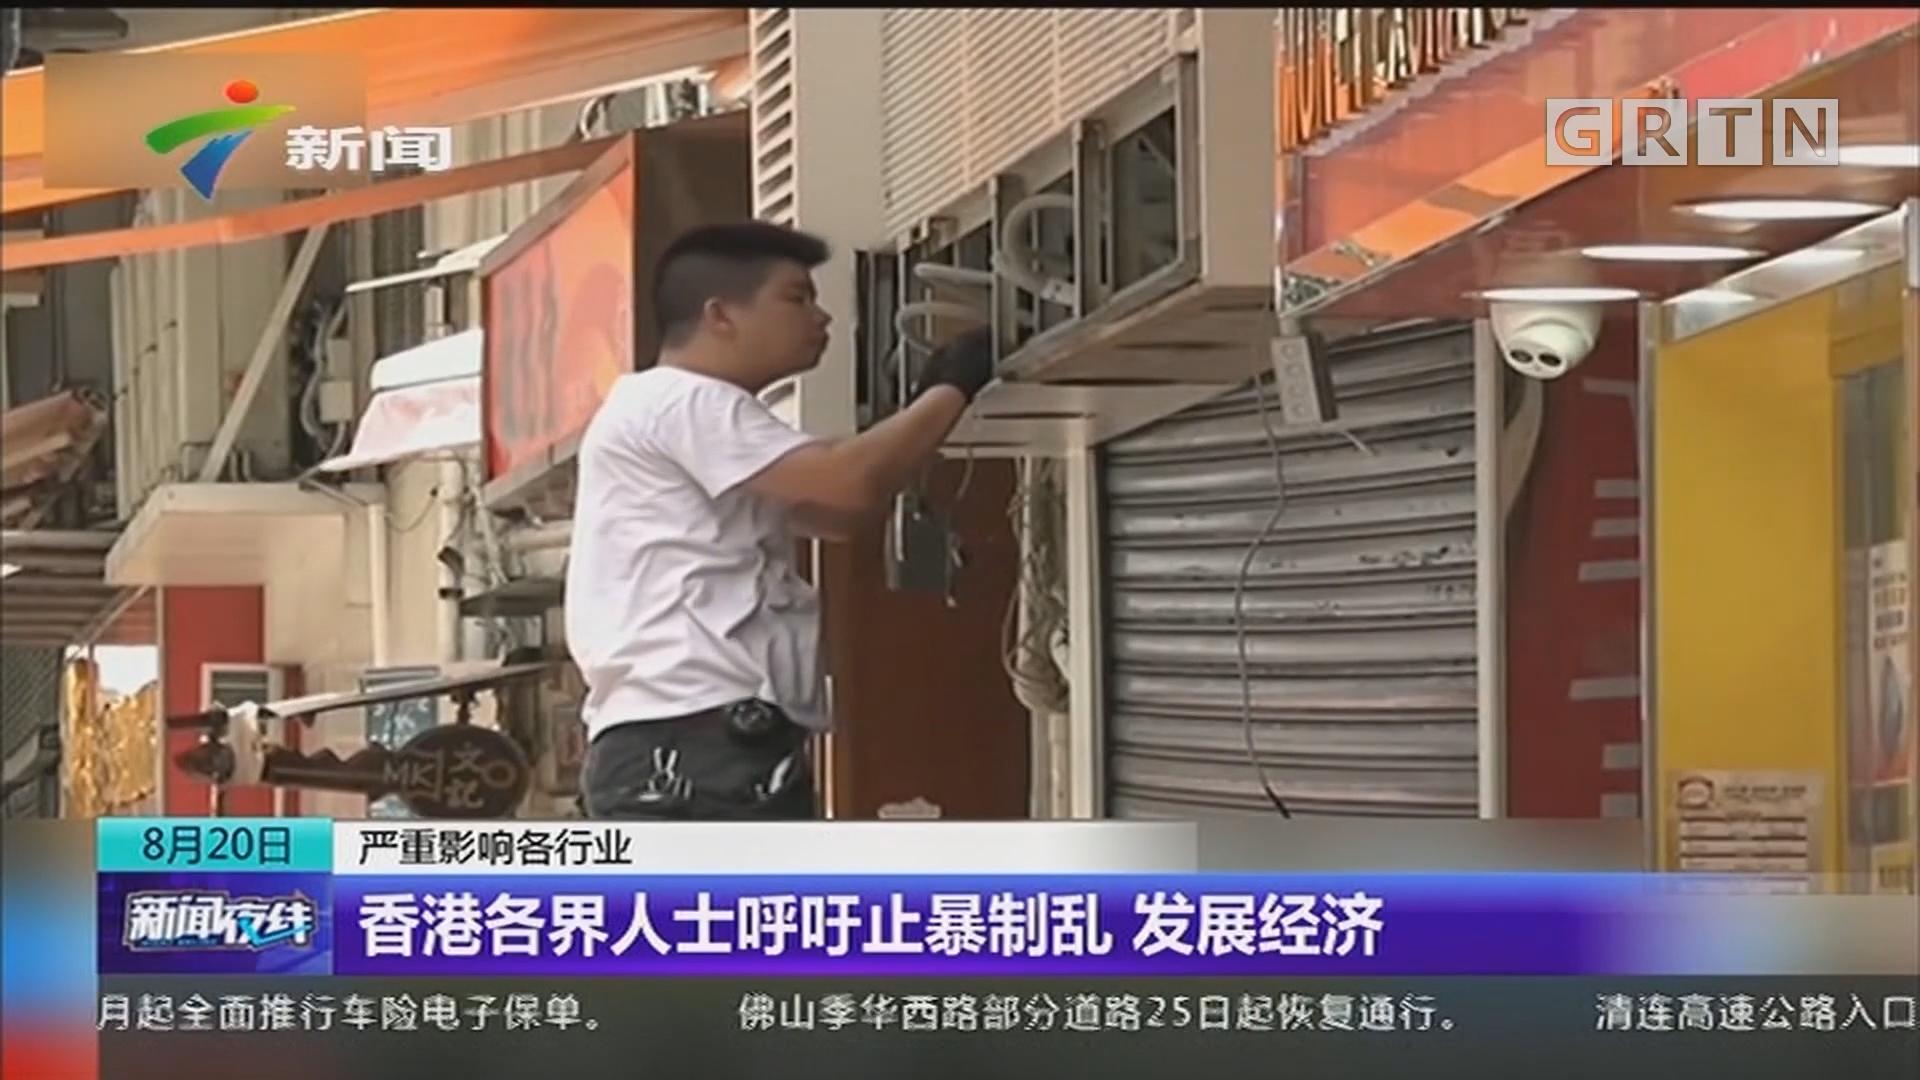 严重影响各行业:香港各界人士呼呼止暴制乱 发展经济